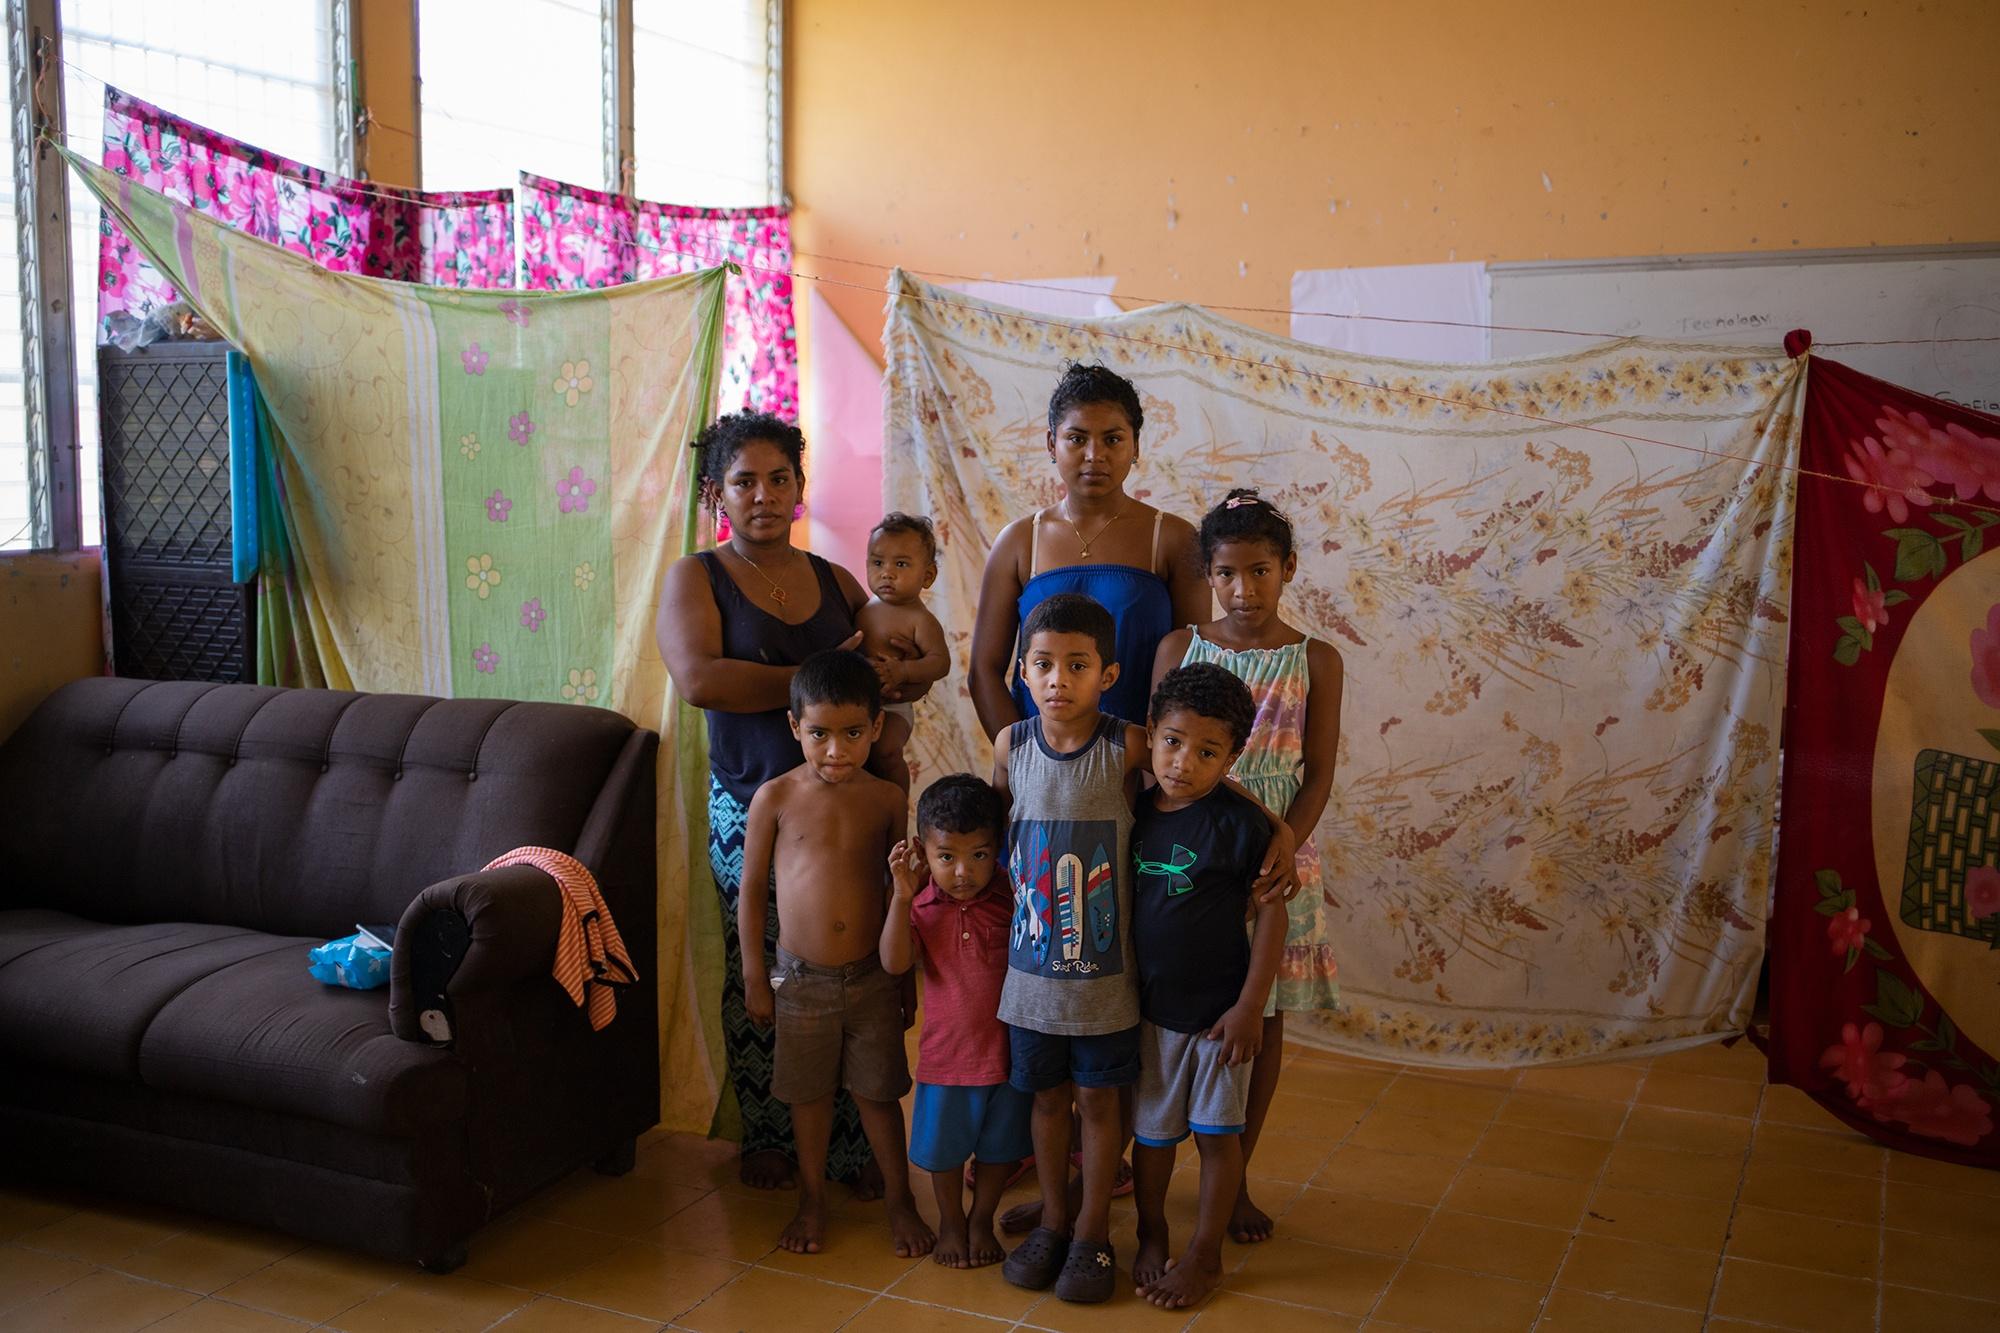 Nevel Mendoza, de 28 años, y su familia, son retratados en la escuela de Chinda donde se ha refugiado luego de que su casa se perdiera debido a las inundaciones que provocaron las tormentas Eta e Iota. Chinda, Santa Bárbara, 27 de enero de 2021. Foto: Martín Cálix.